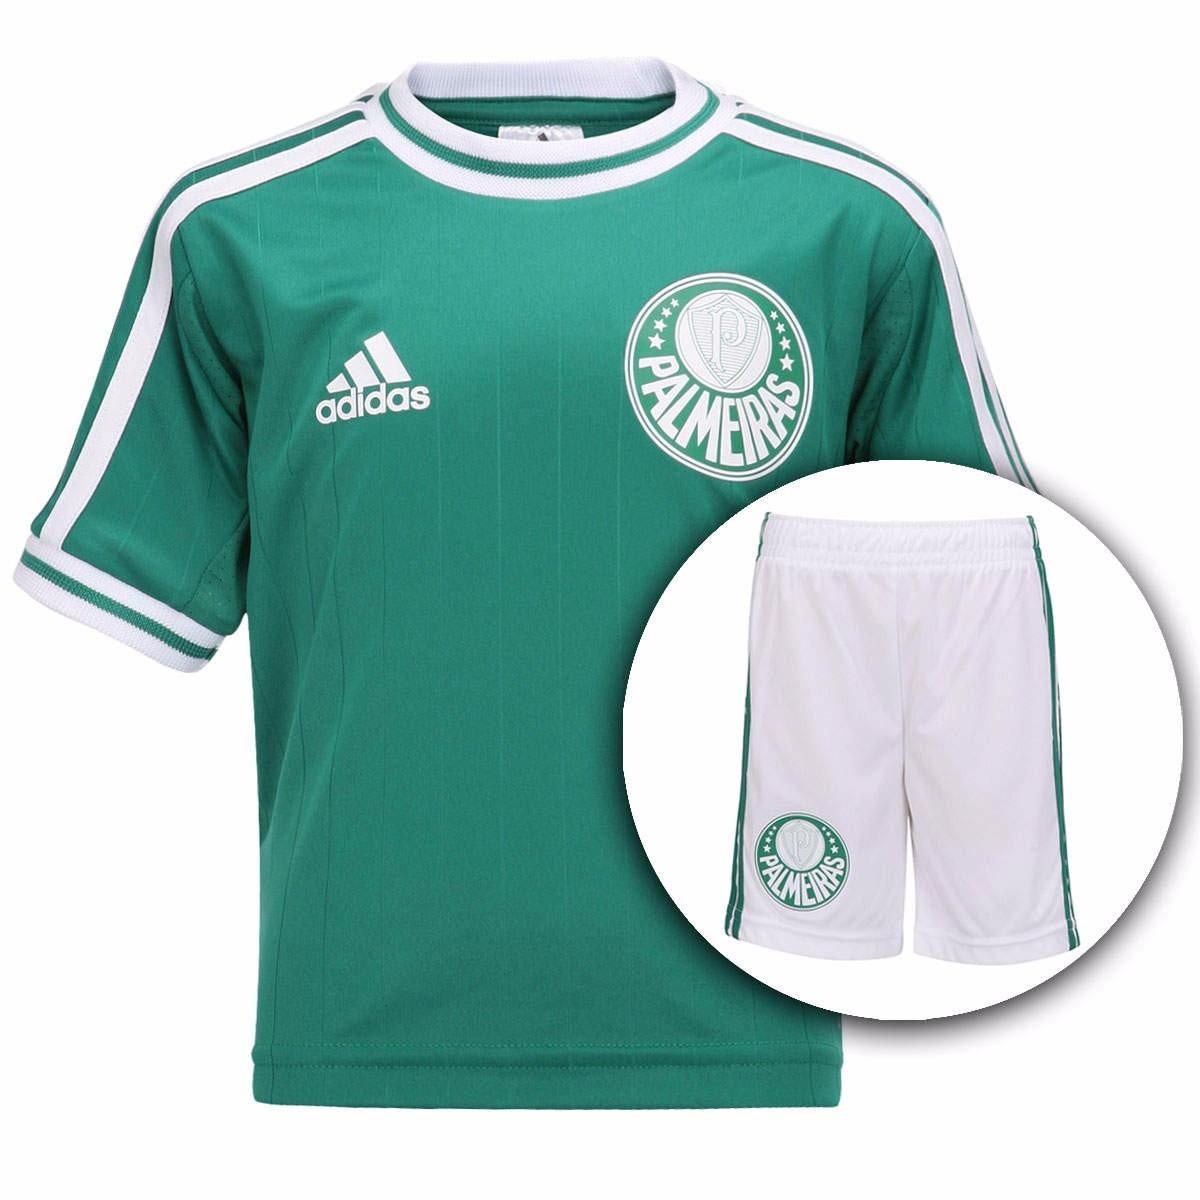 camisa palmeiras adidas oficial infantil kit 50% off. Carregando zoom. 64f84c94d45c7